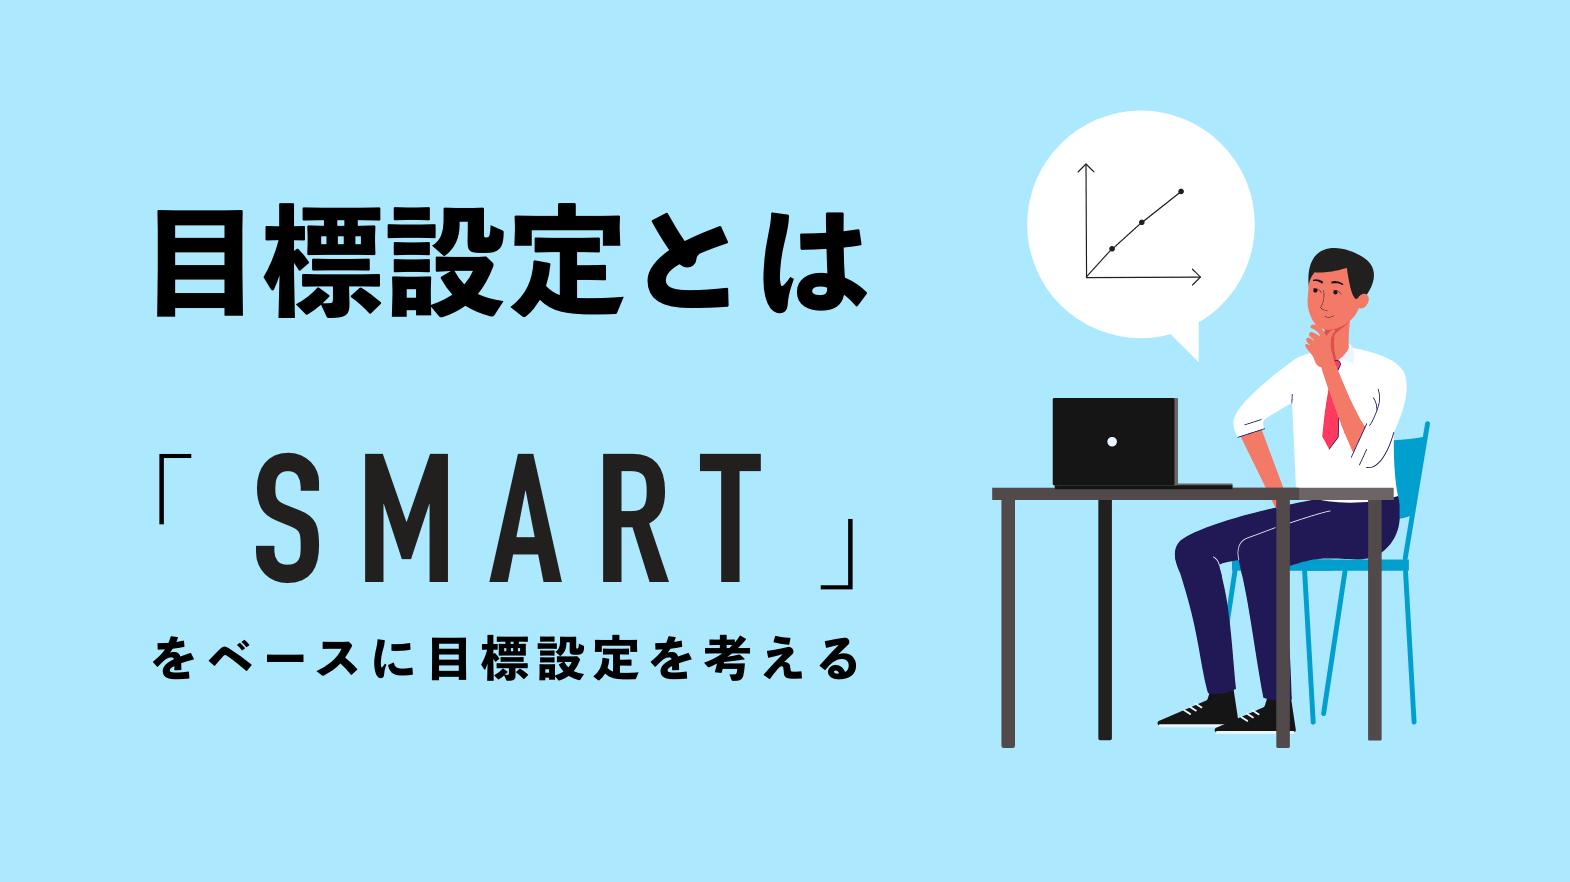 目標設定とは~「SMART」をベースに目標設定を考える~